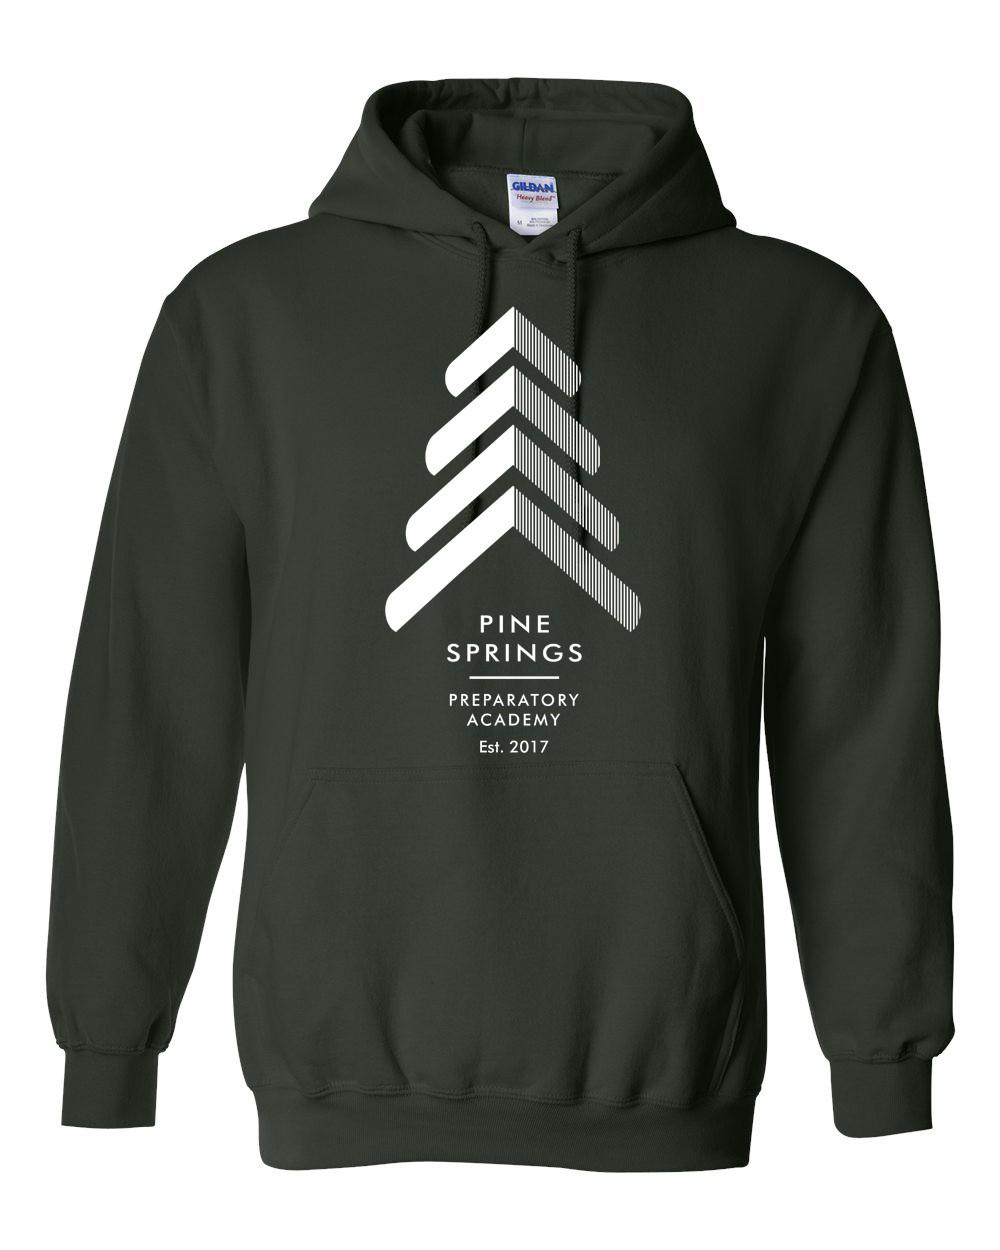 Pine Springs Moisture-Wicking Pullover Hoodies